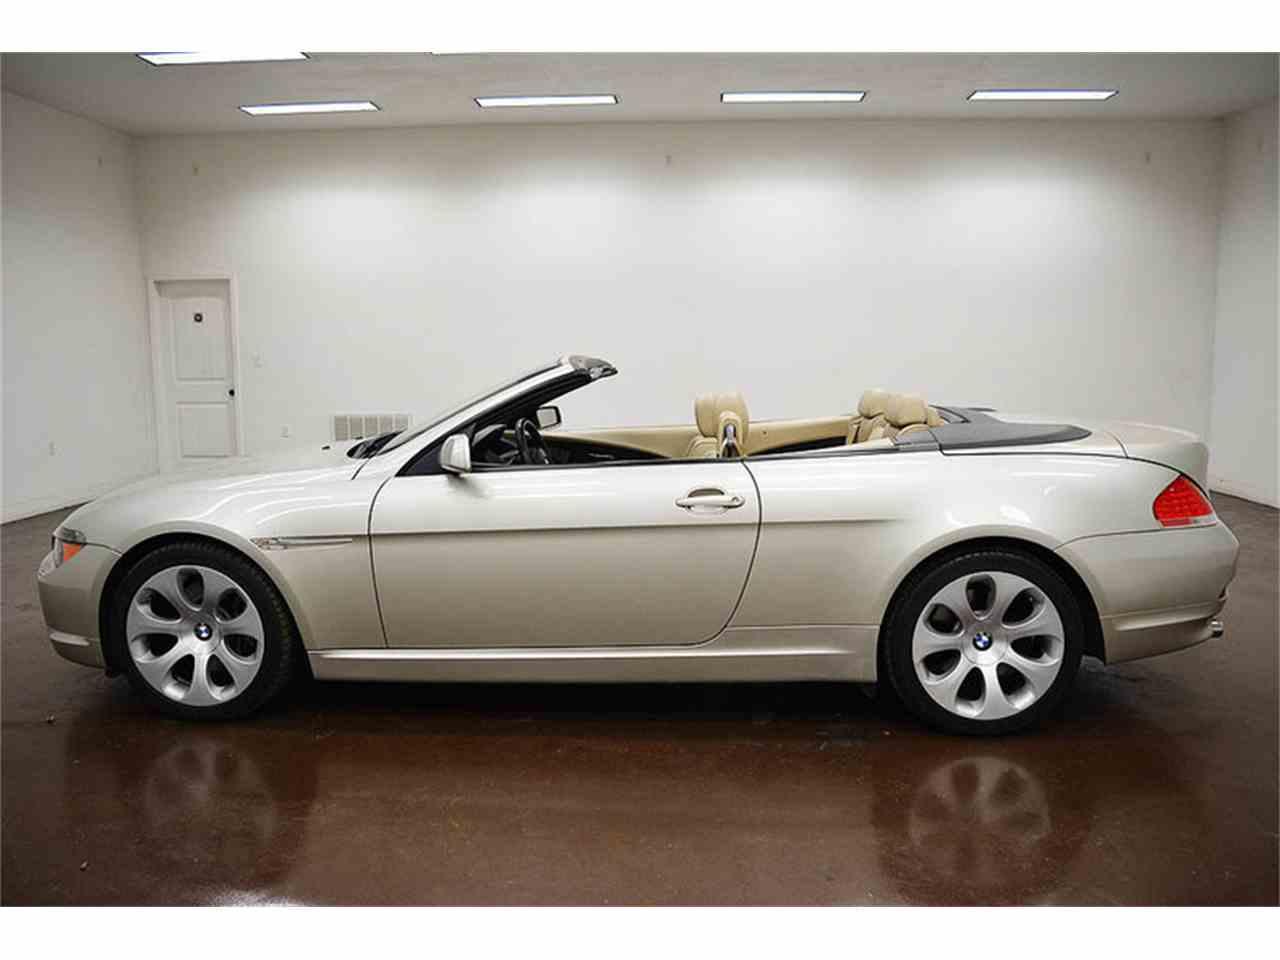 BMW 2004 bmw 645ci : 2004 BMW 645ci for Sale   ClassicCars.com   CC-1067772